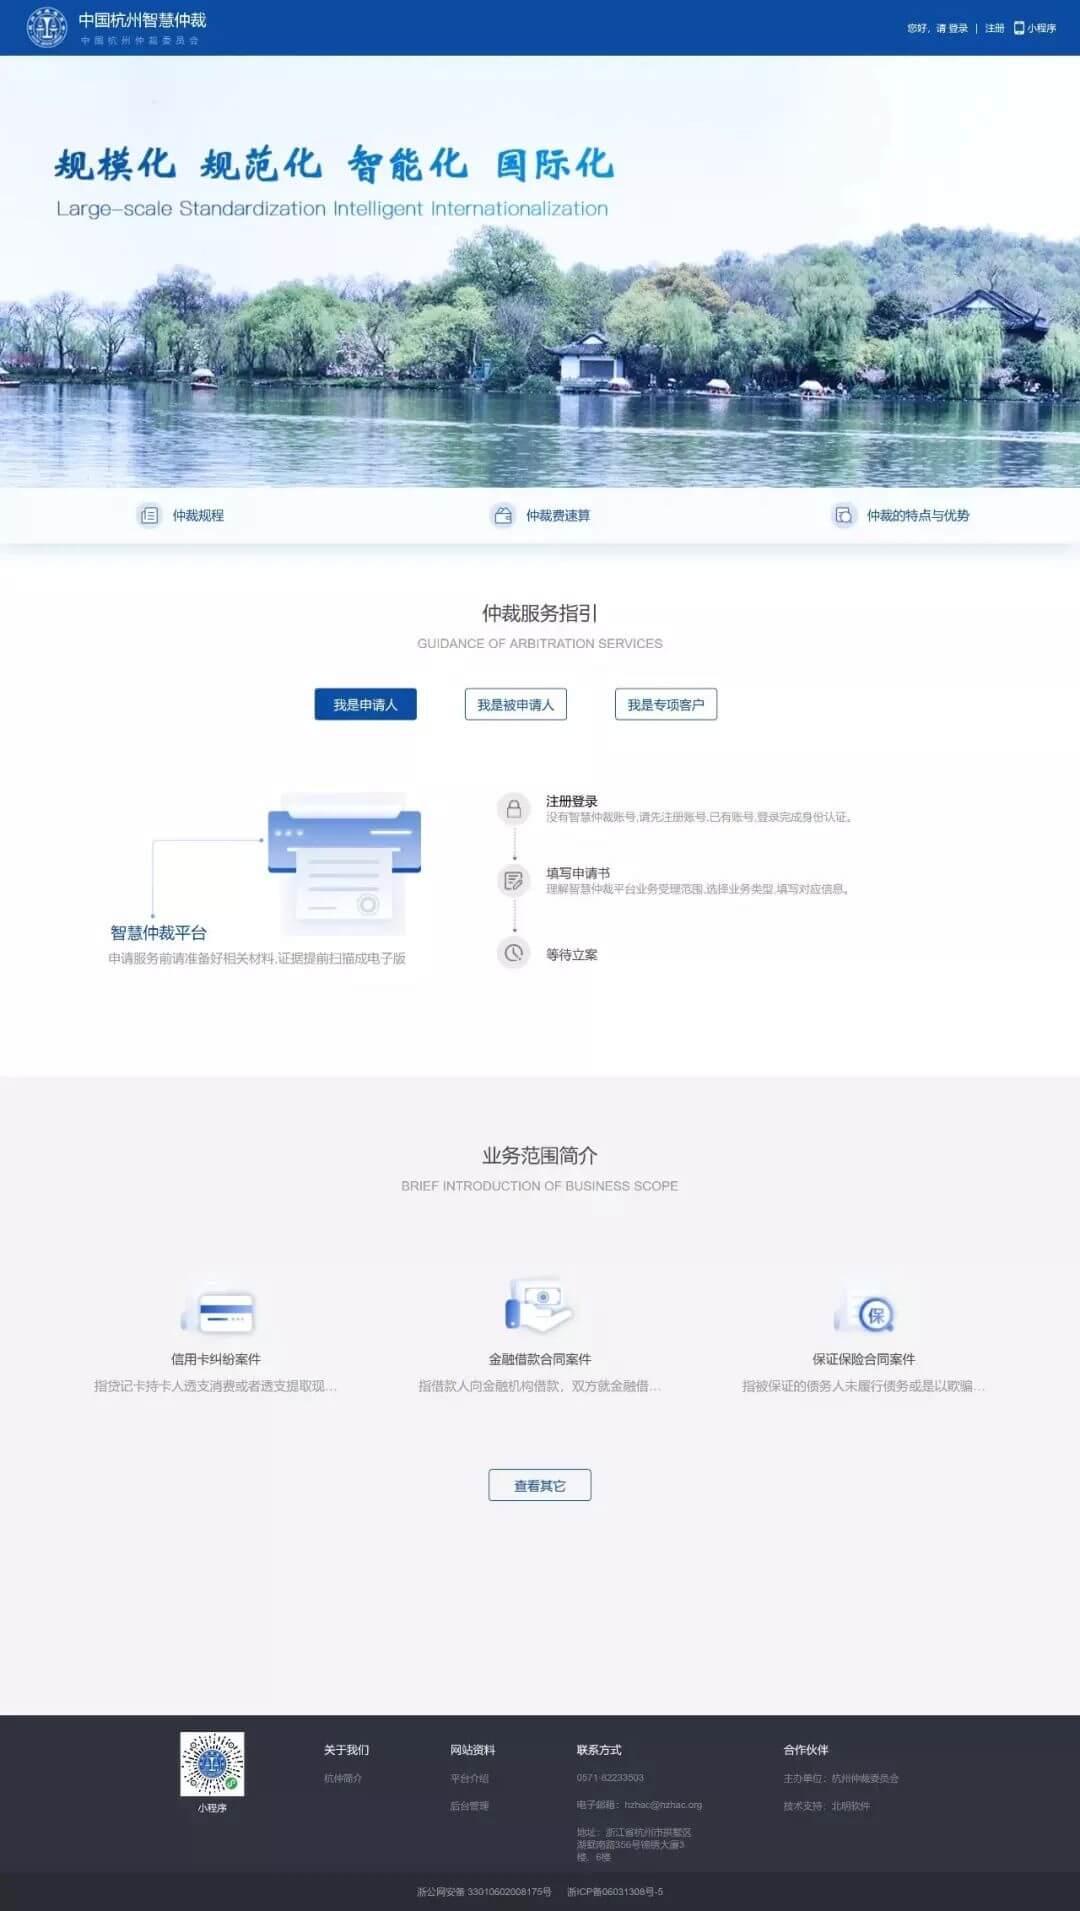 浙江首家互联网仲裁院——杭州互联网仲裁院今日成立